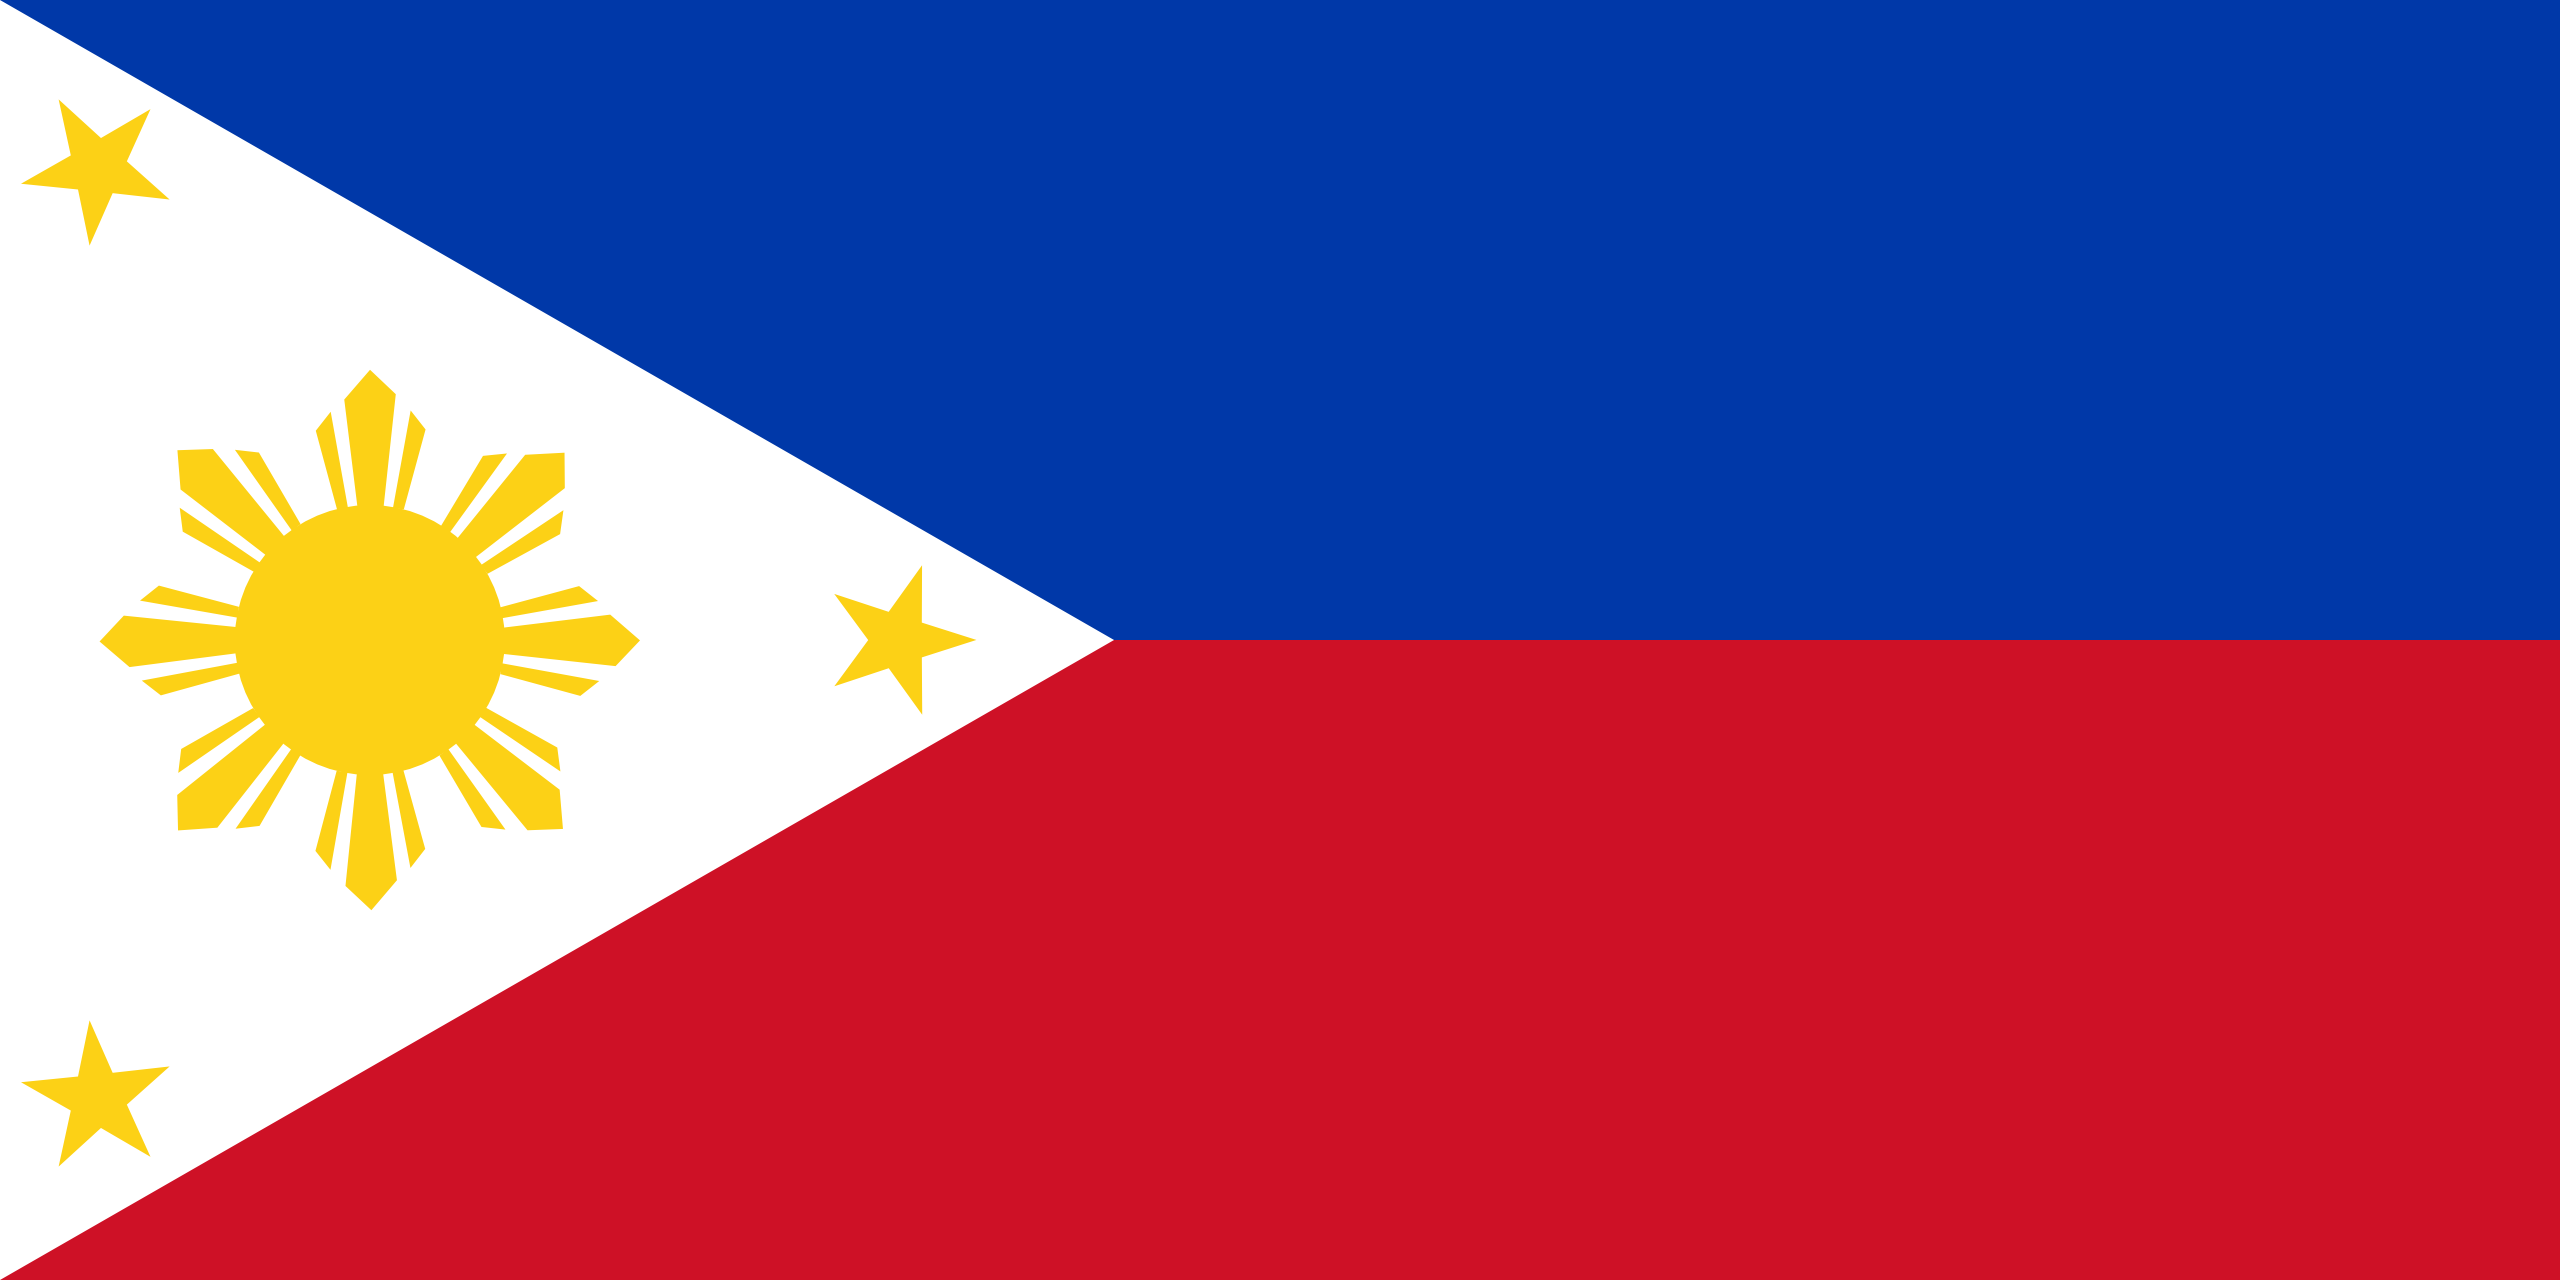 Филиппины, страна, Эмблема, логотип, символ - Обои HD - Профессор falken.com